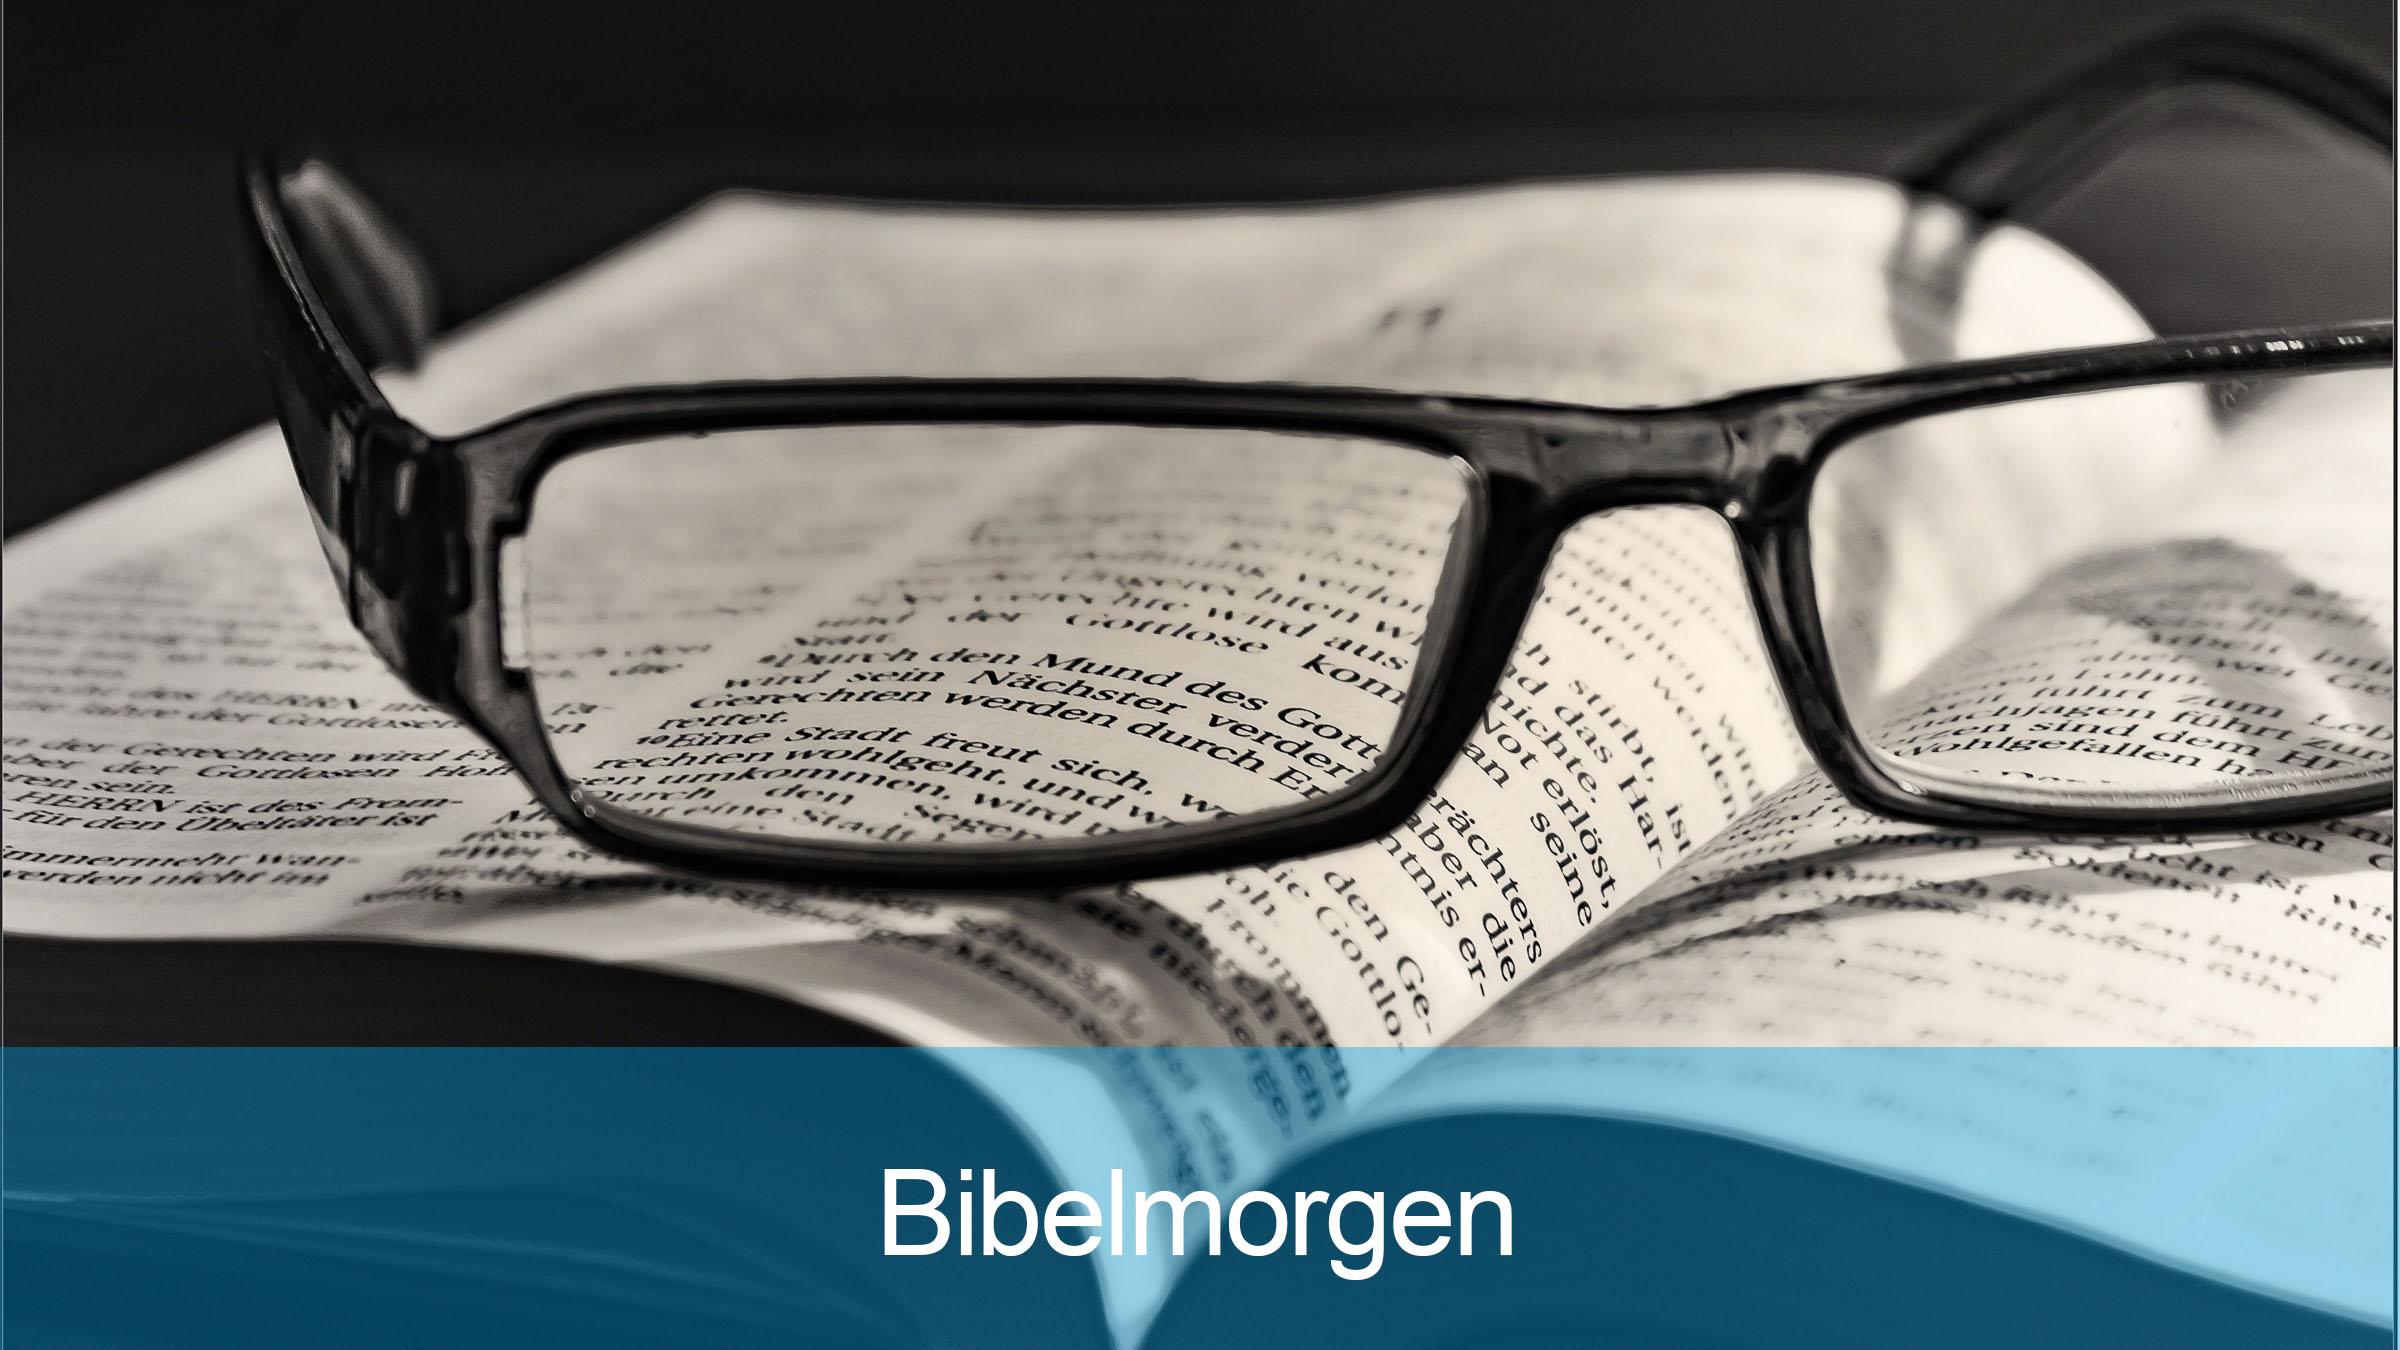 Bibelmorgen in der Reformierten Kirche Mittleres Fricktal